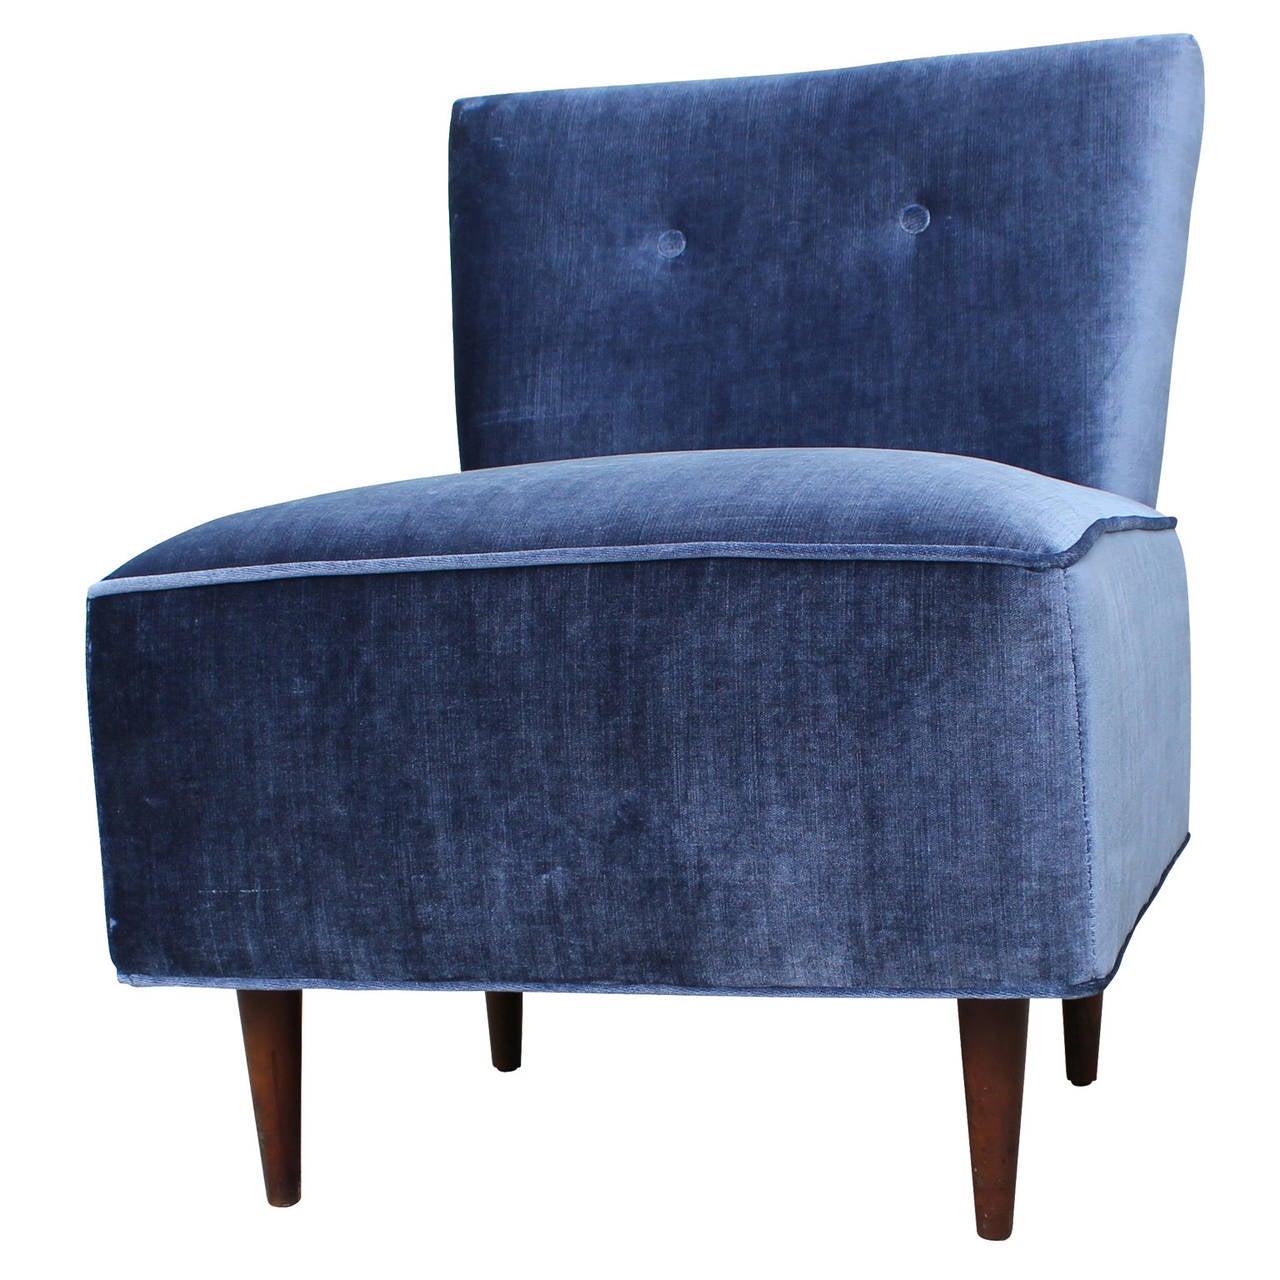 grey velvet slipper chair mid century chairs uk fantastic blue at 1stdibs